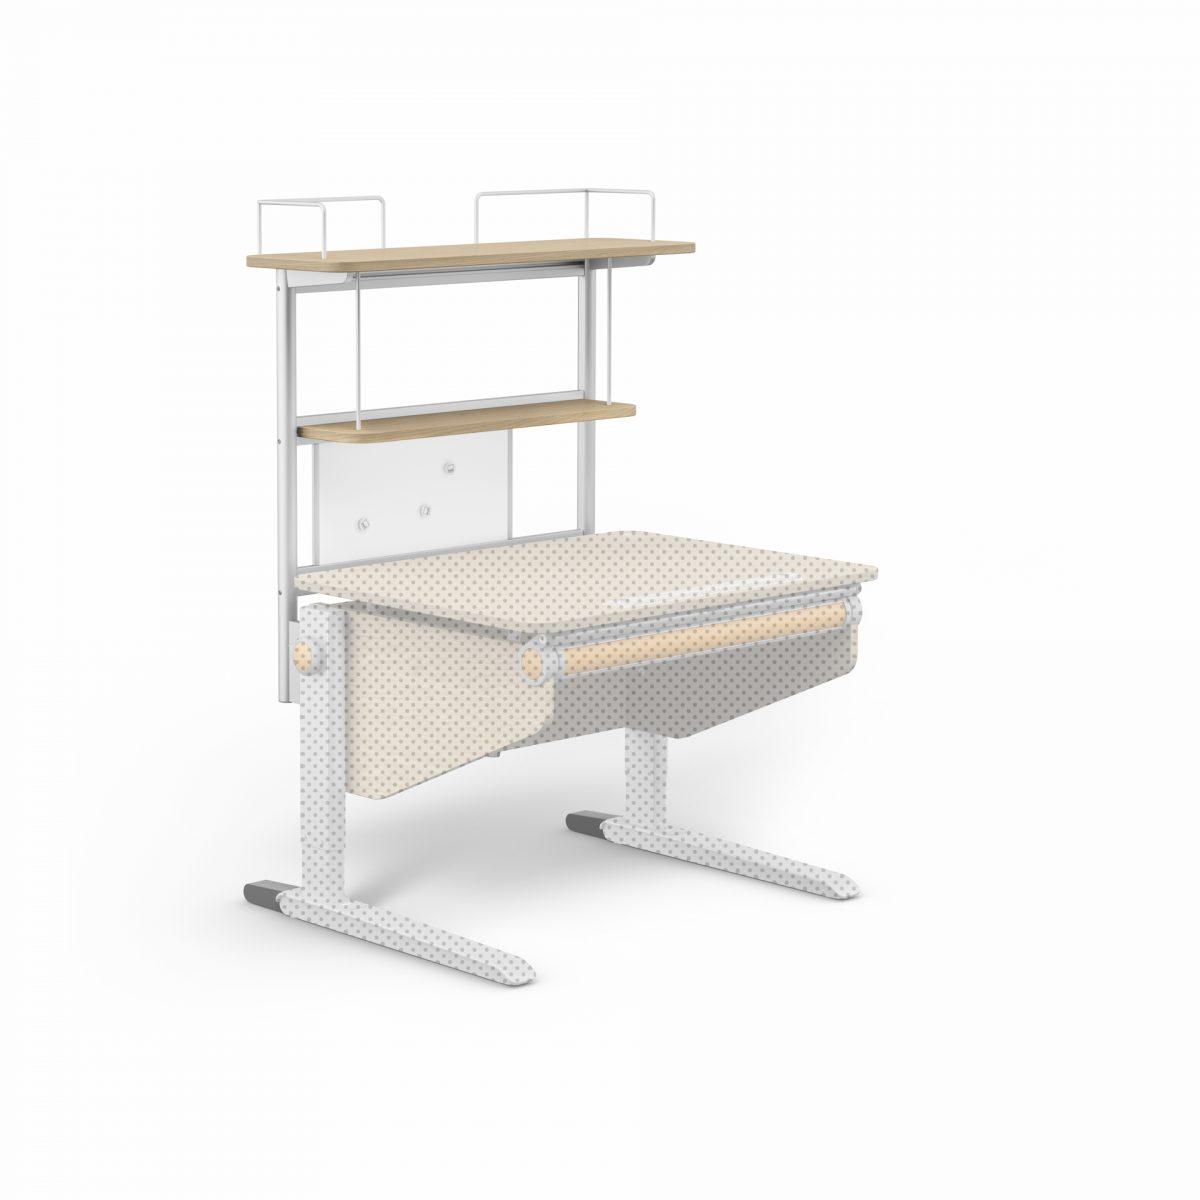 Flex deck pristavba k rostoucimu stolu Winner Compact 2 - Delso - dětský, kancelářský a bytový nábytek